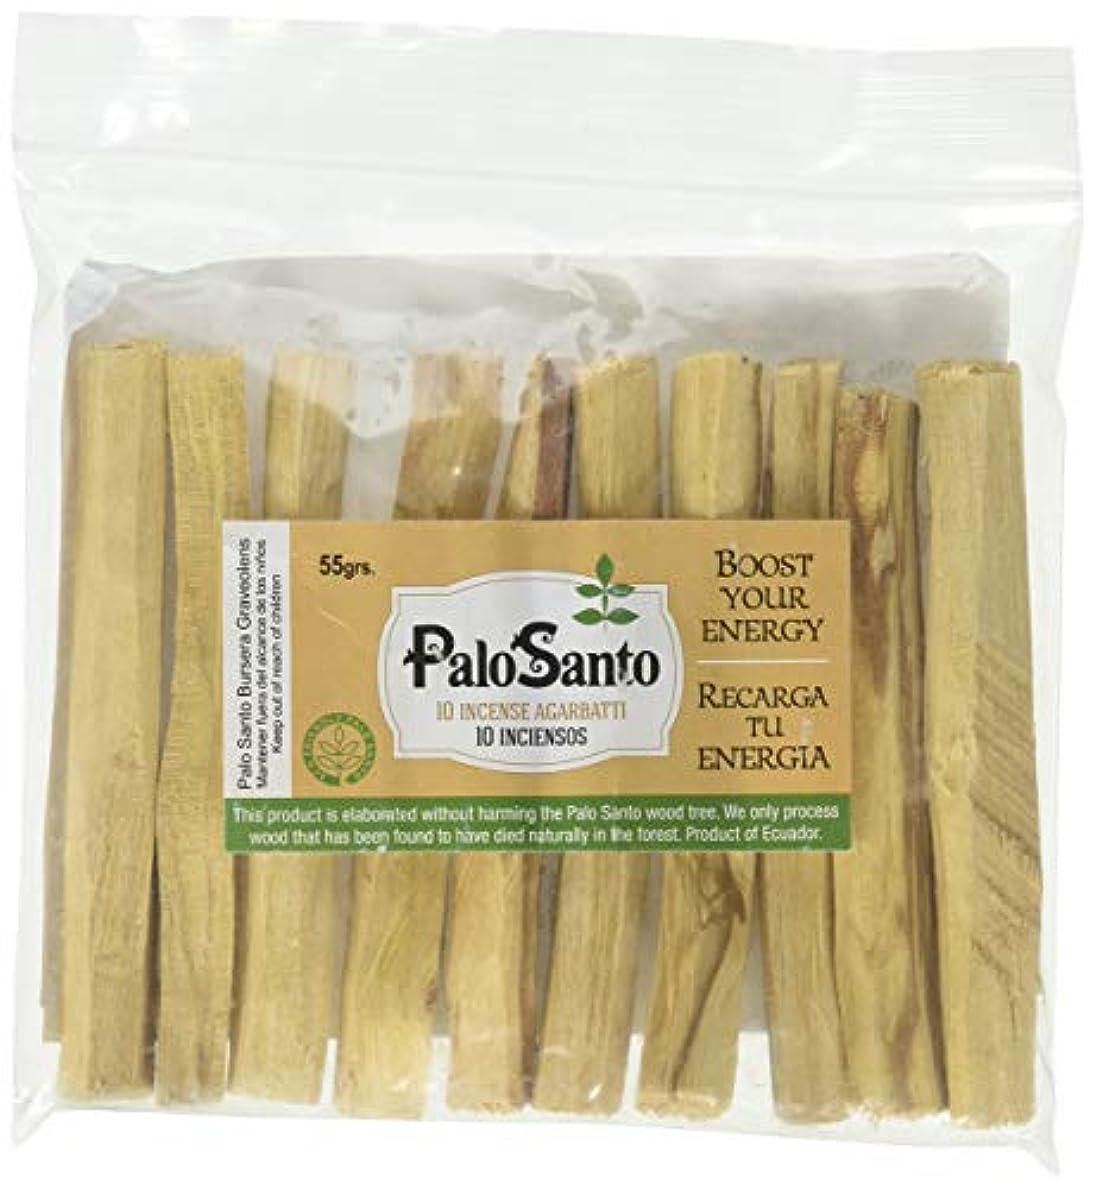 等しいトーク伝染病プレミアムAuthenticエクアドルkiln-dried Palo Santo ( Holy Wood ) Insence Sticks ( 10 )、野生の収穫、100 %自然のPurifying、クレンジング、ヒーリング...